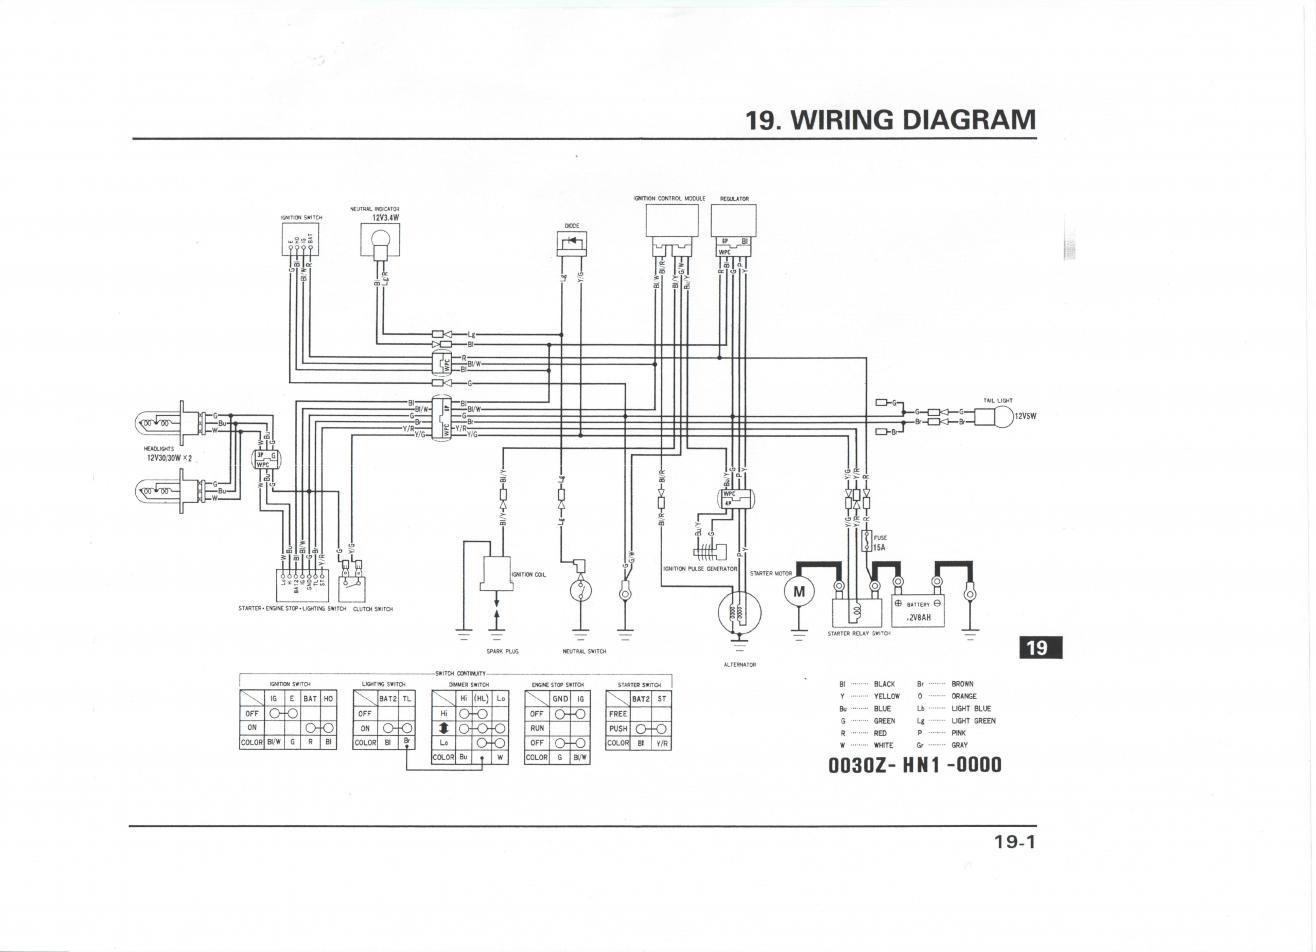 B5D2F Honda 400ex Ignition Wiring Diagram | Digital Resources on crf wiring diagram, raptor wiring diagram, 300ex wiring diagram, atv wiring diagram, aquatrax wiring diagram, 250x wiring diagram, crf250r wiring diagram, yfz450r wiring diagram, predator 500 wiring diagram, ltr450 wiring diagram, honda wiring diagram, trx250r wiring diagram, yamaha wiring diagram, trx300 wiring diagram, quad wiring diagram, crf450r wiring diagram, renegade wiring diagram, foreman wiring diagram, cr wiring diagram, crf250x wiring diagram,